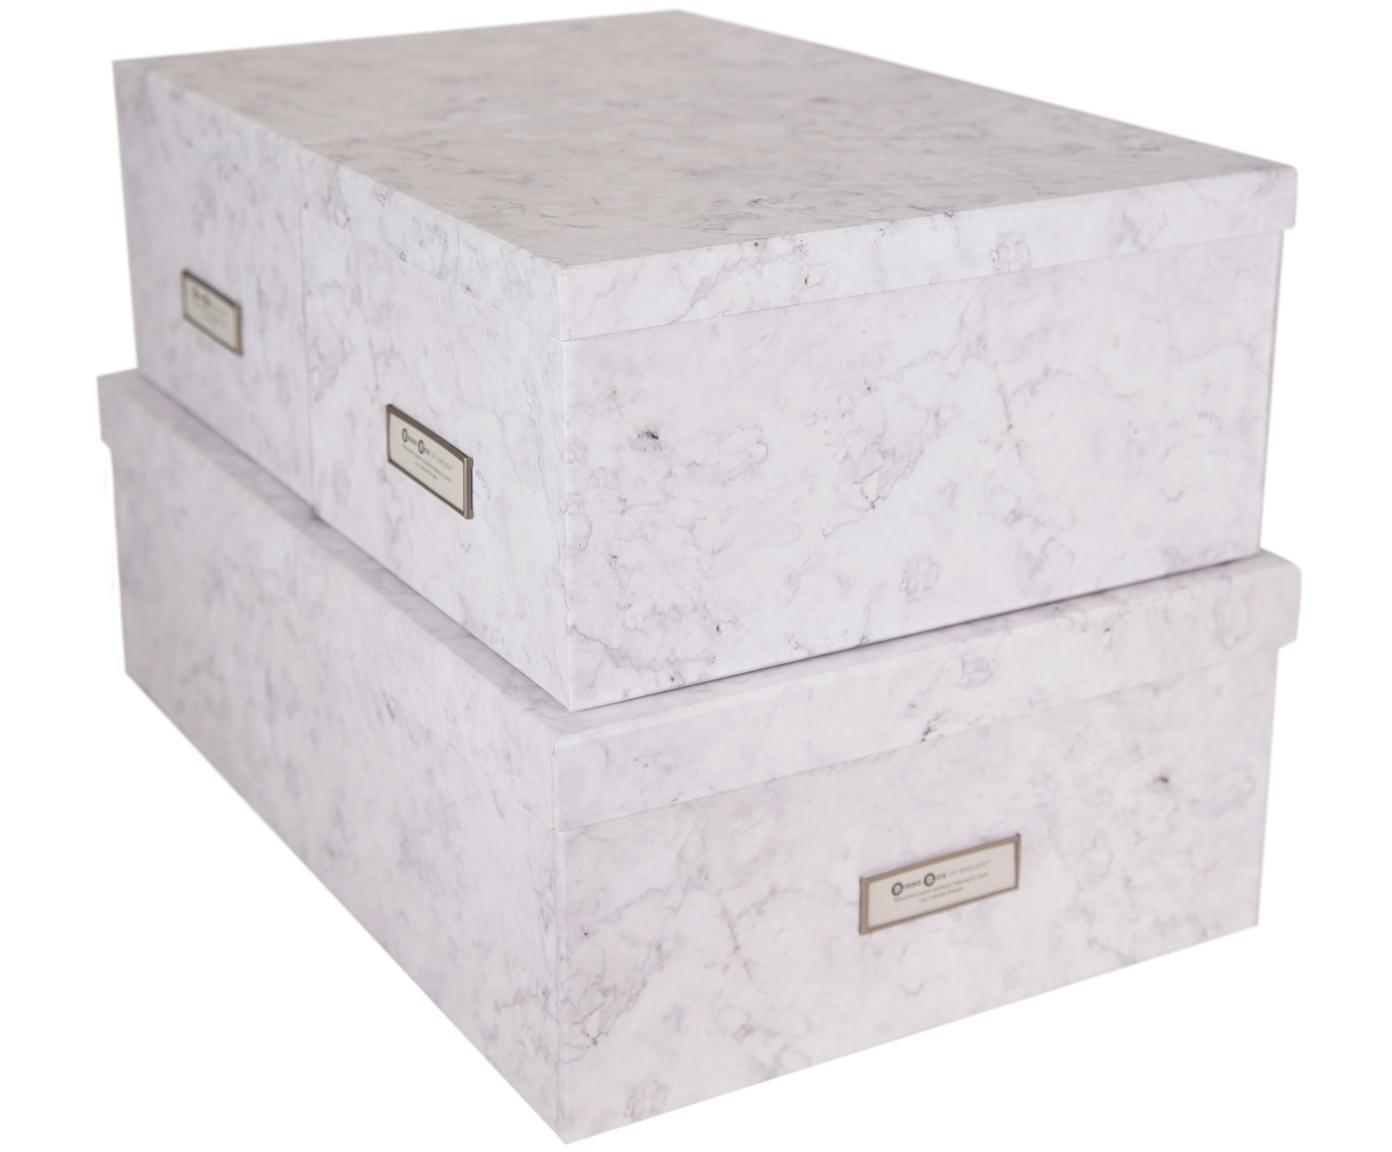 Aufbewahrungsboxen-Set Inge, 3-tlg., Box: Fester, laminierter Karto, Weiss, marmoriert, Verschiedene Grössen